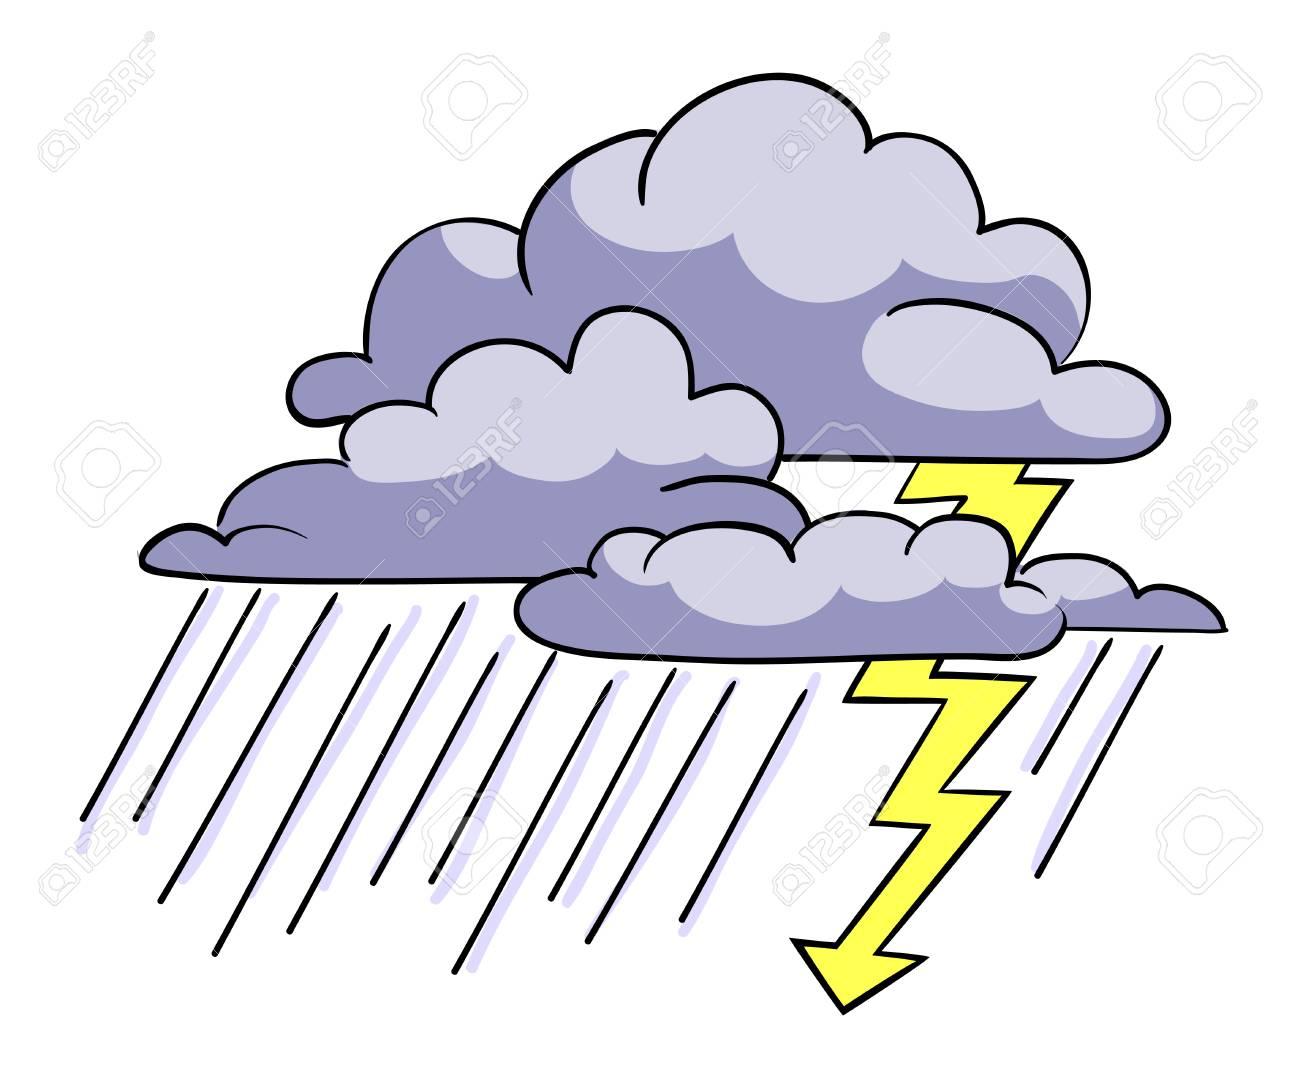 Image De Dessin Anime De L Icone De La Tempete Symbole De Rainstorm Banque D Images Et Photos Libres De Droits Image 81521281